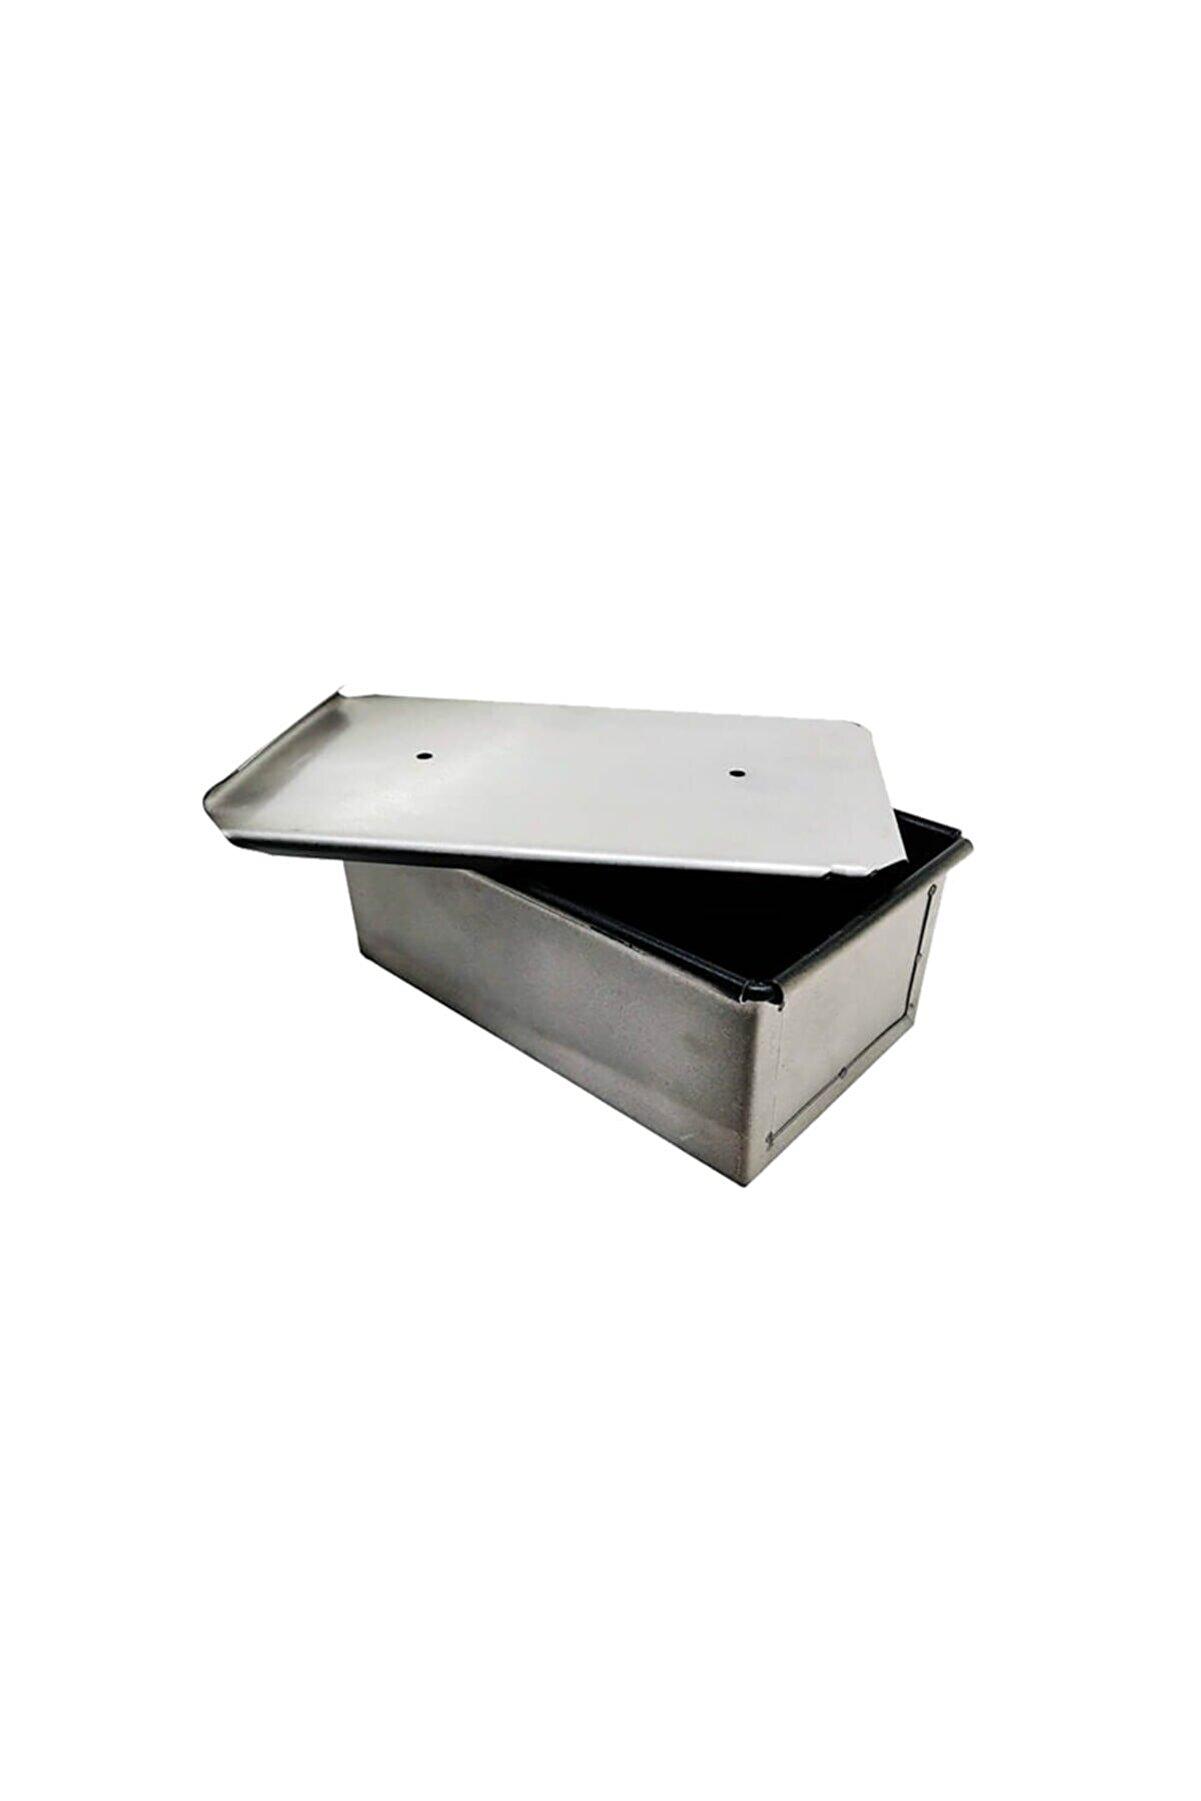 Mutfakkitap Çavdar Ekmek&tost Kalıbı (Kapaklı, 8x12x20 Cm)